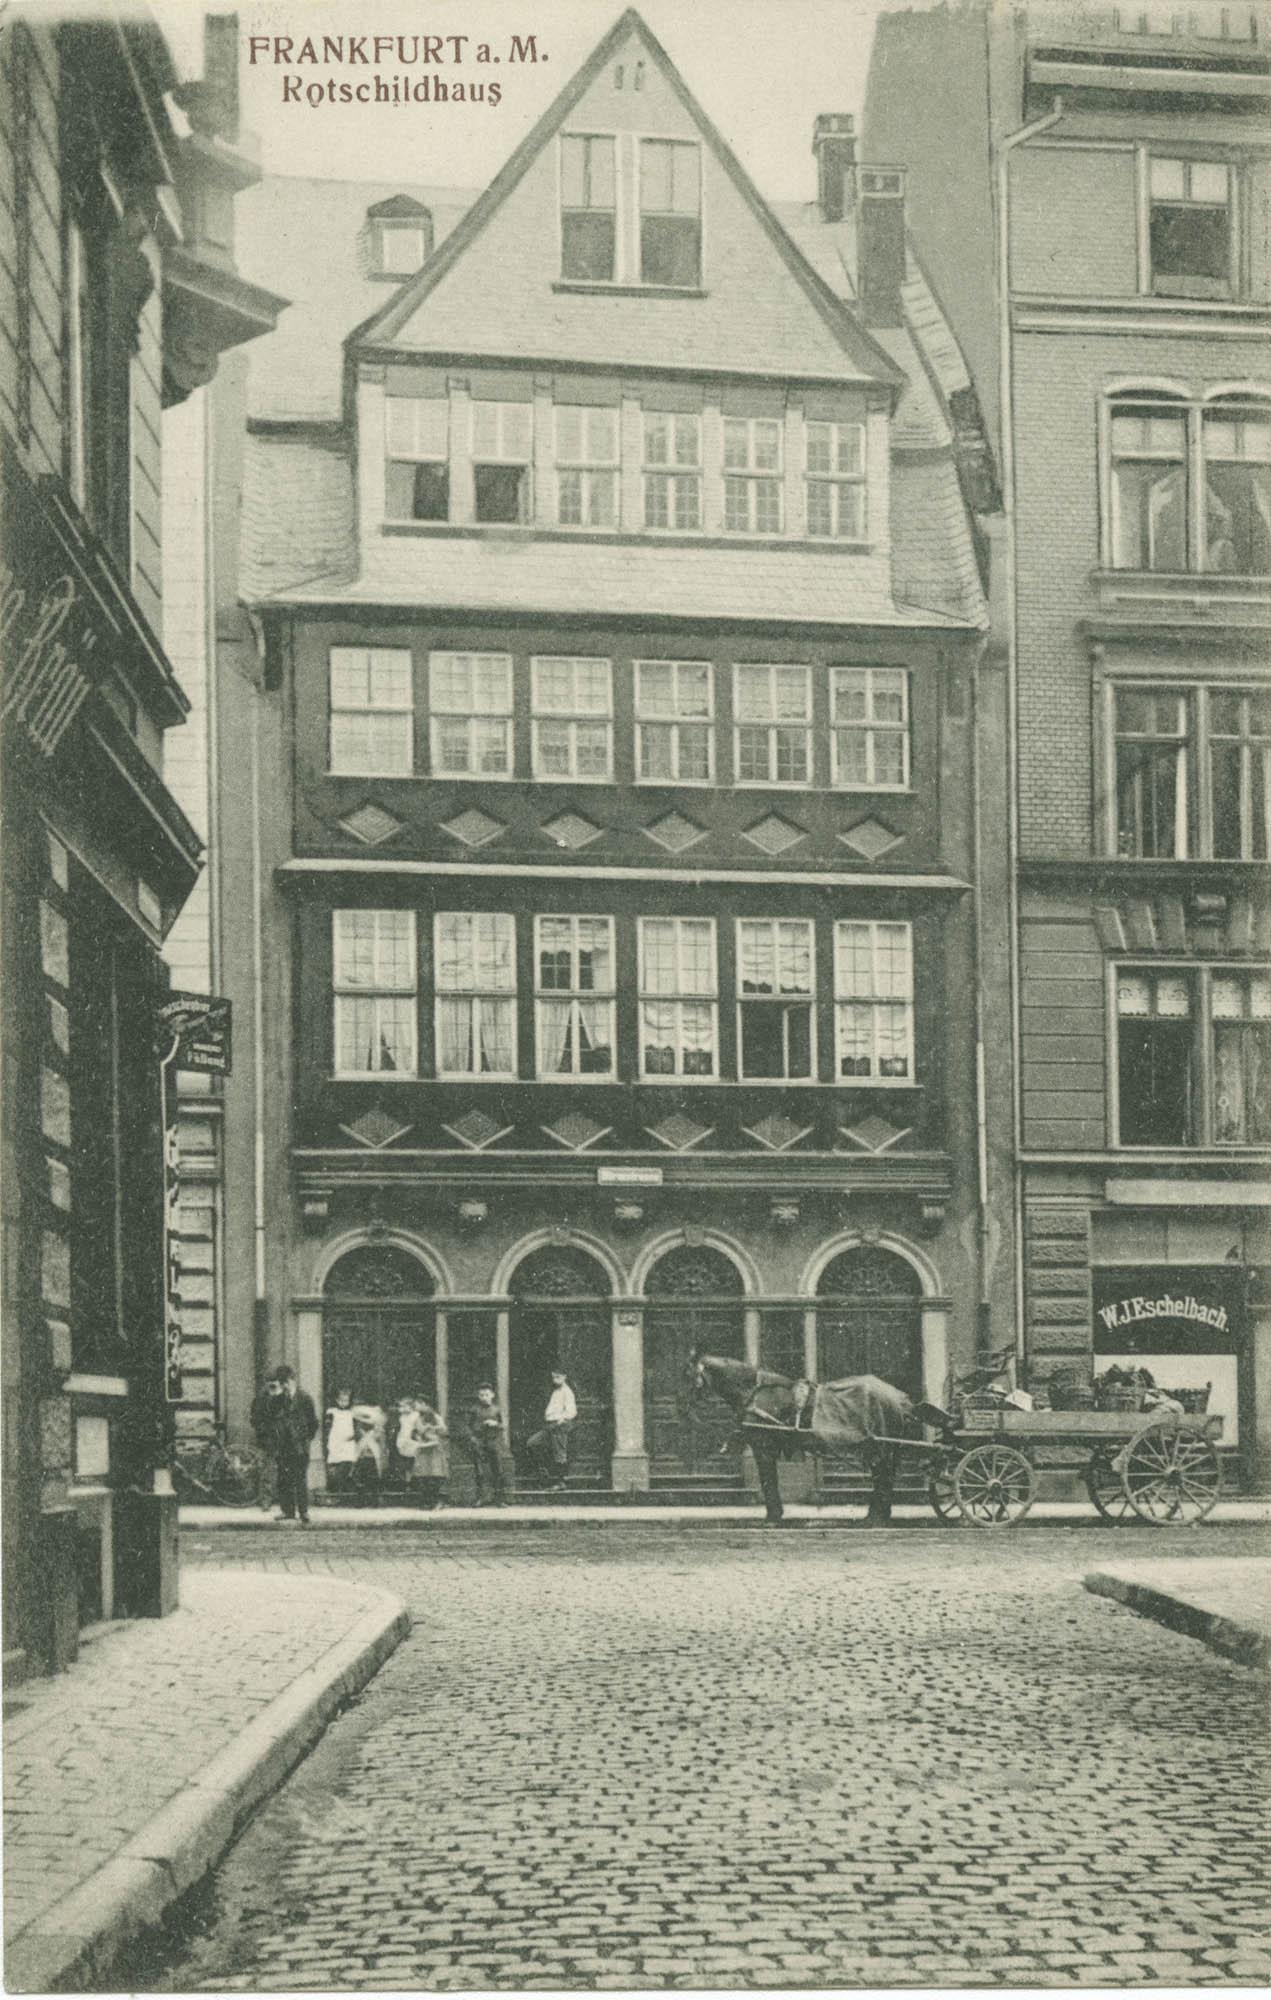 Frankfurt a. M. Rothschildhaus